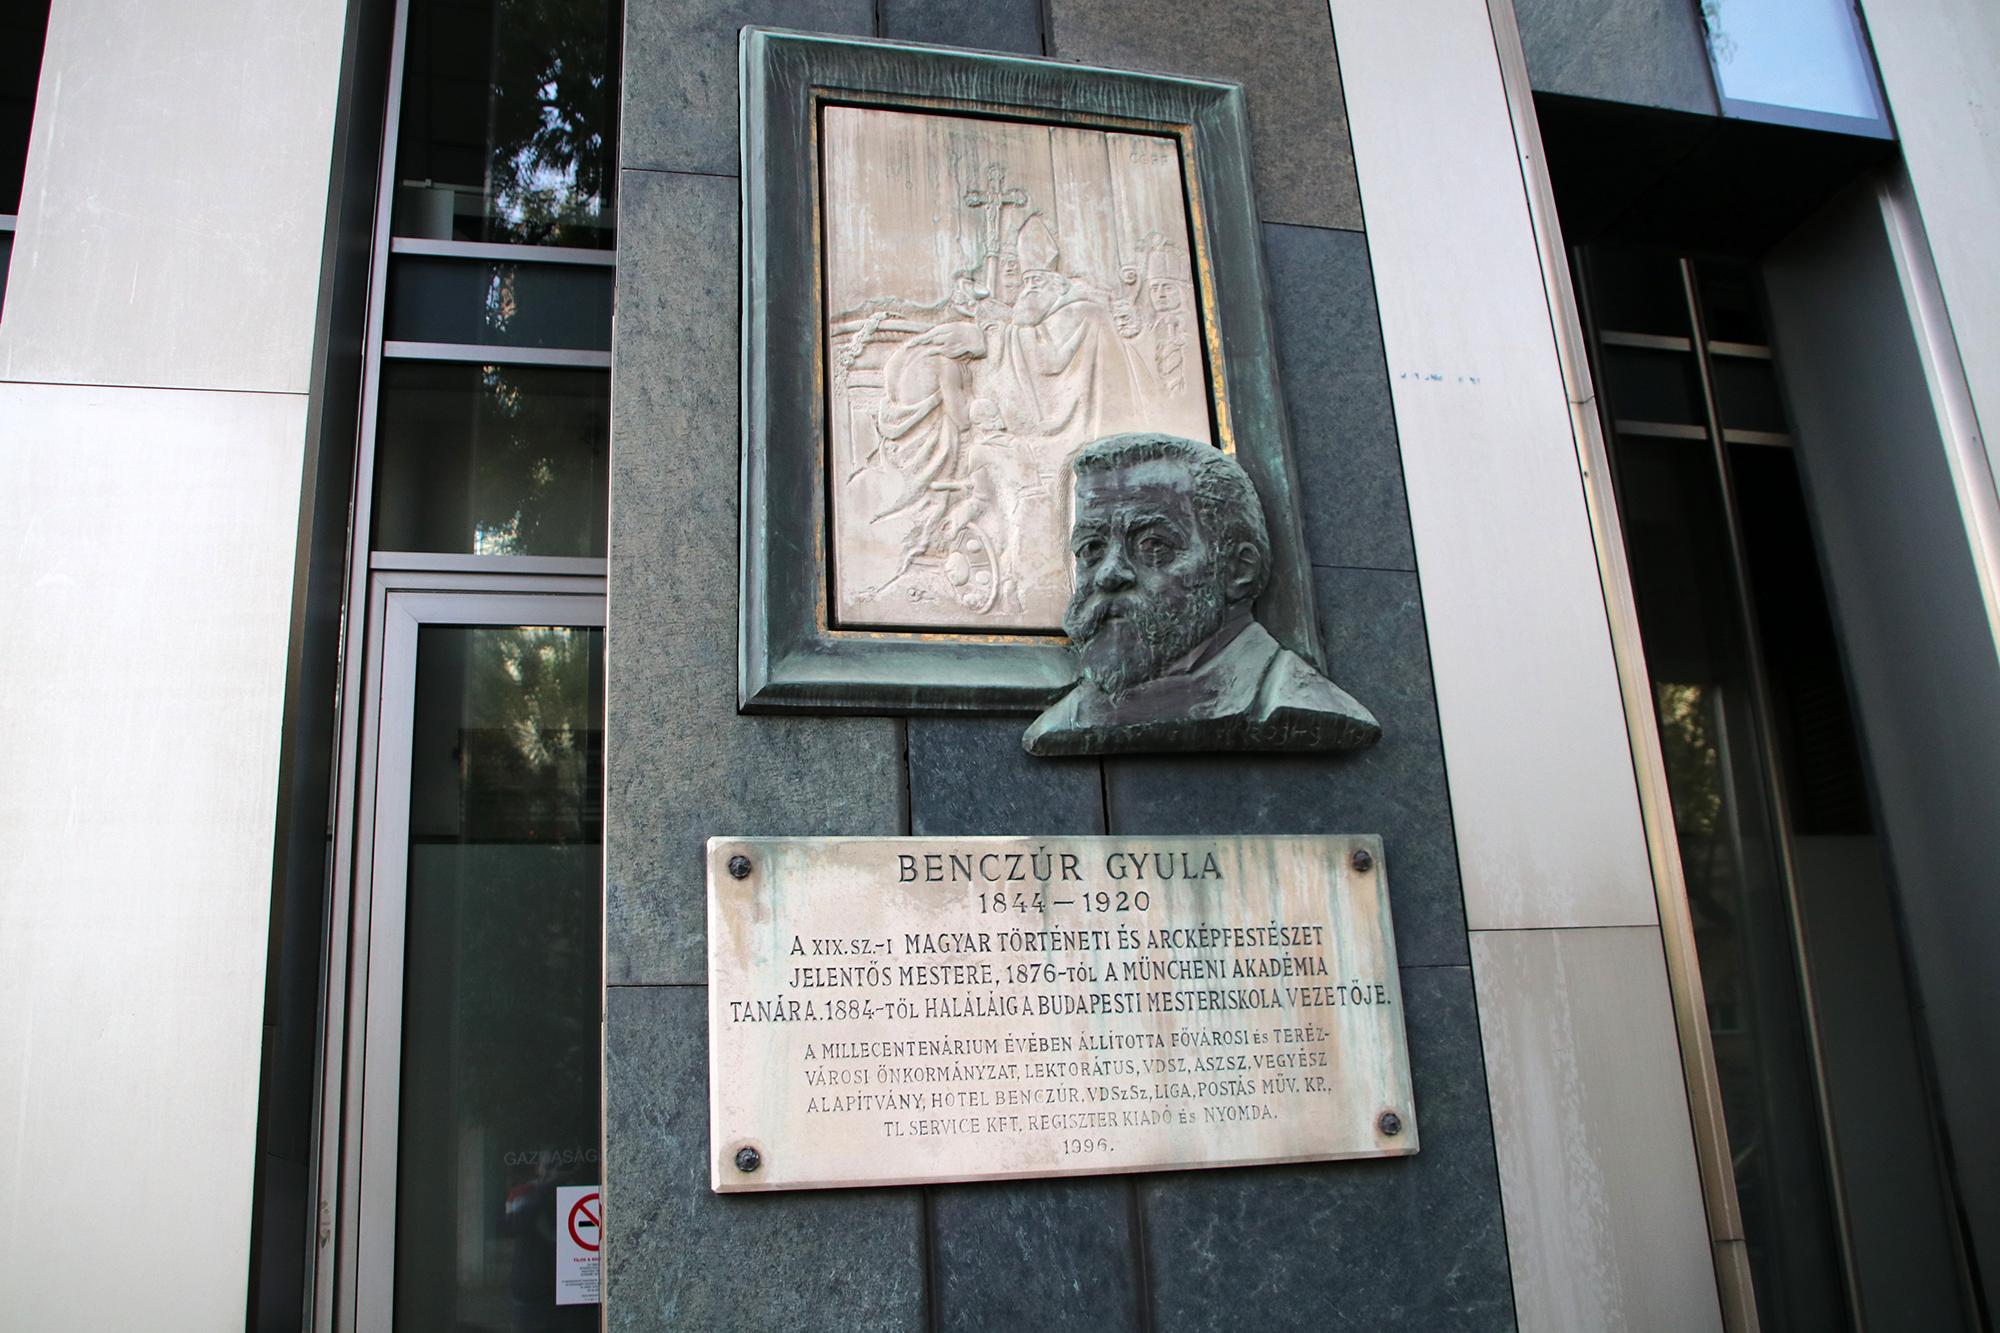 Hajónapló-Benczúr Gyula emléktáblája a róla elnevezett utcában